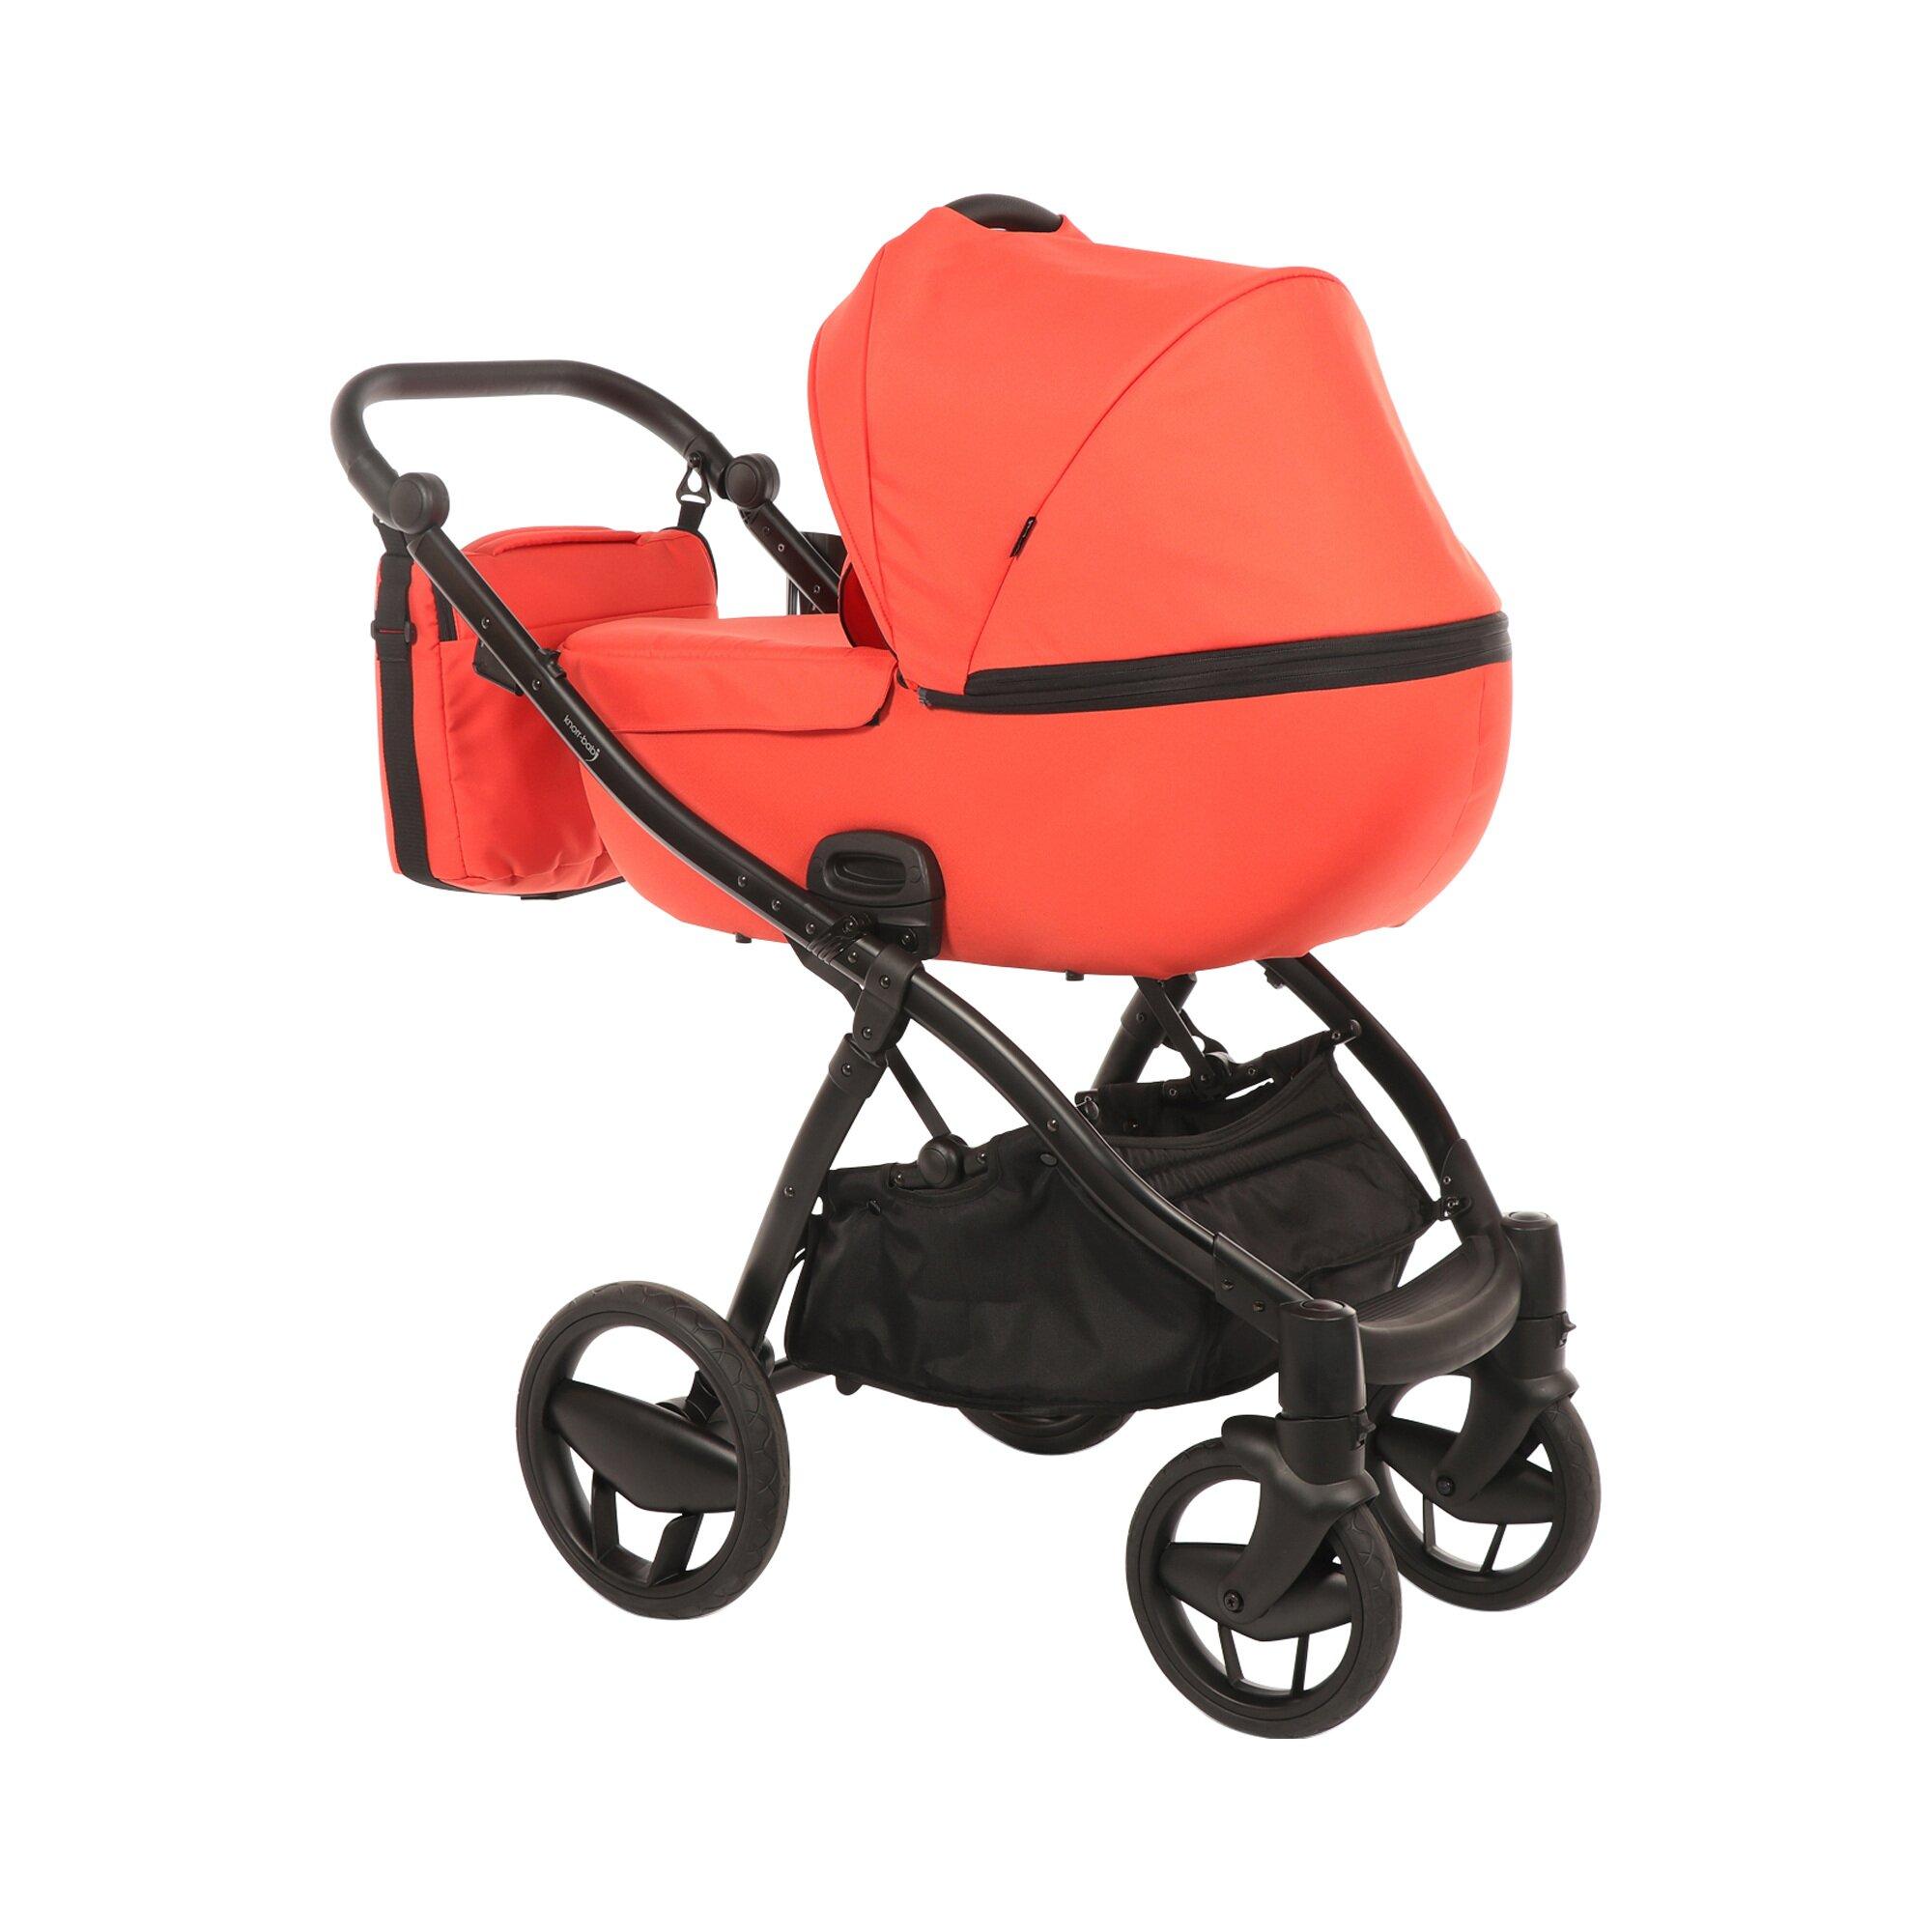 knorr-baby-piquetto-uni-kombikinderwagen-orange